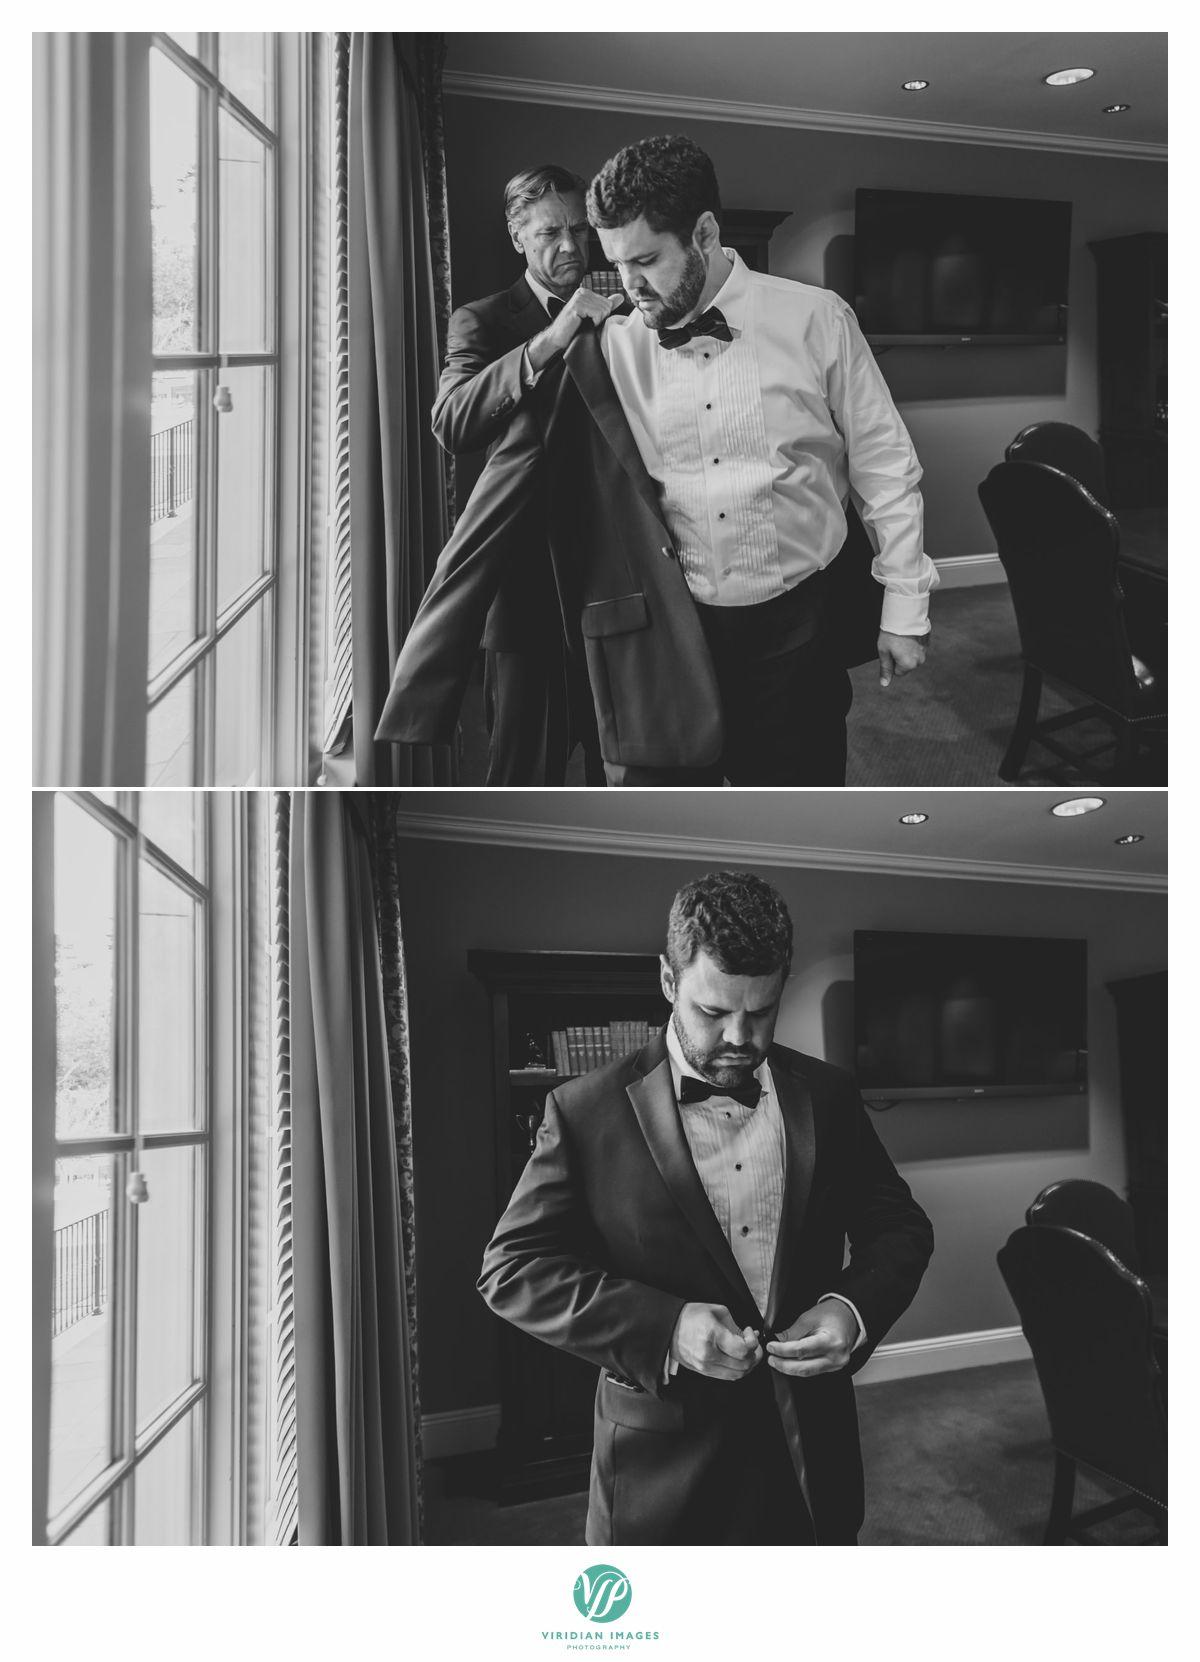 Groom putting on tuxedo